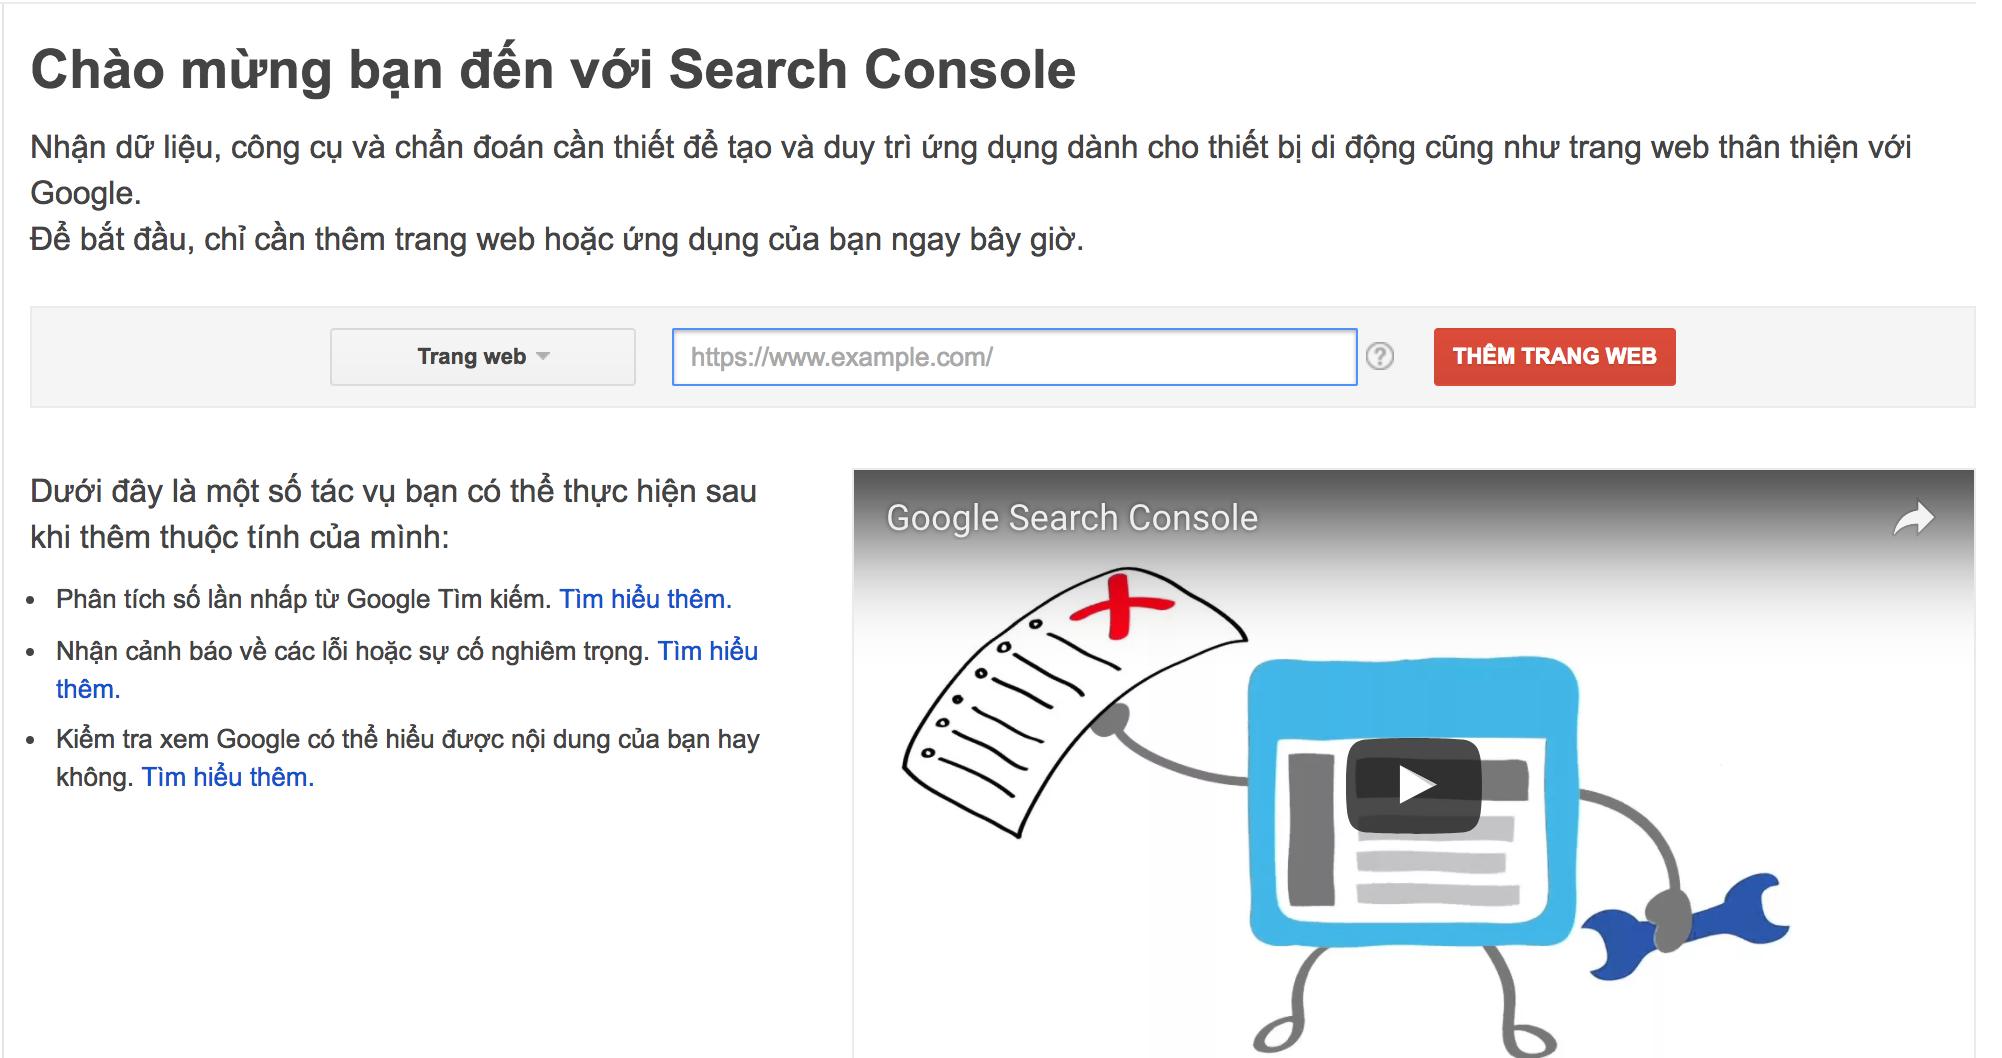 Bắt Đầu Với Google Search Console